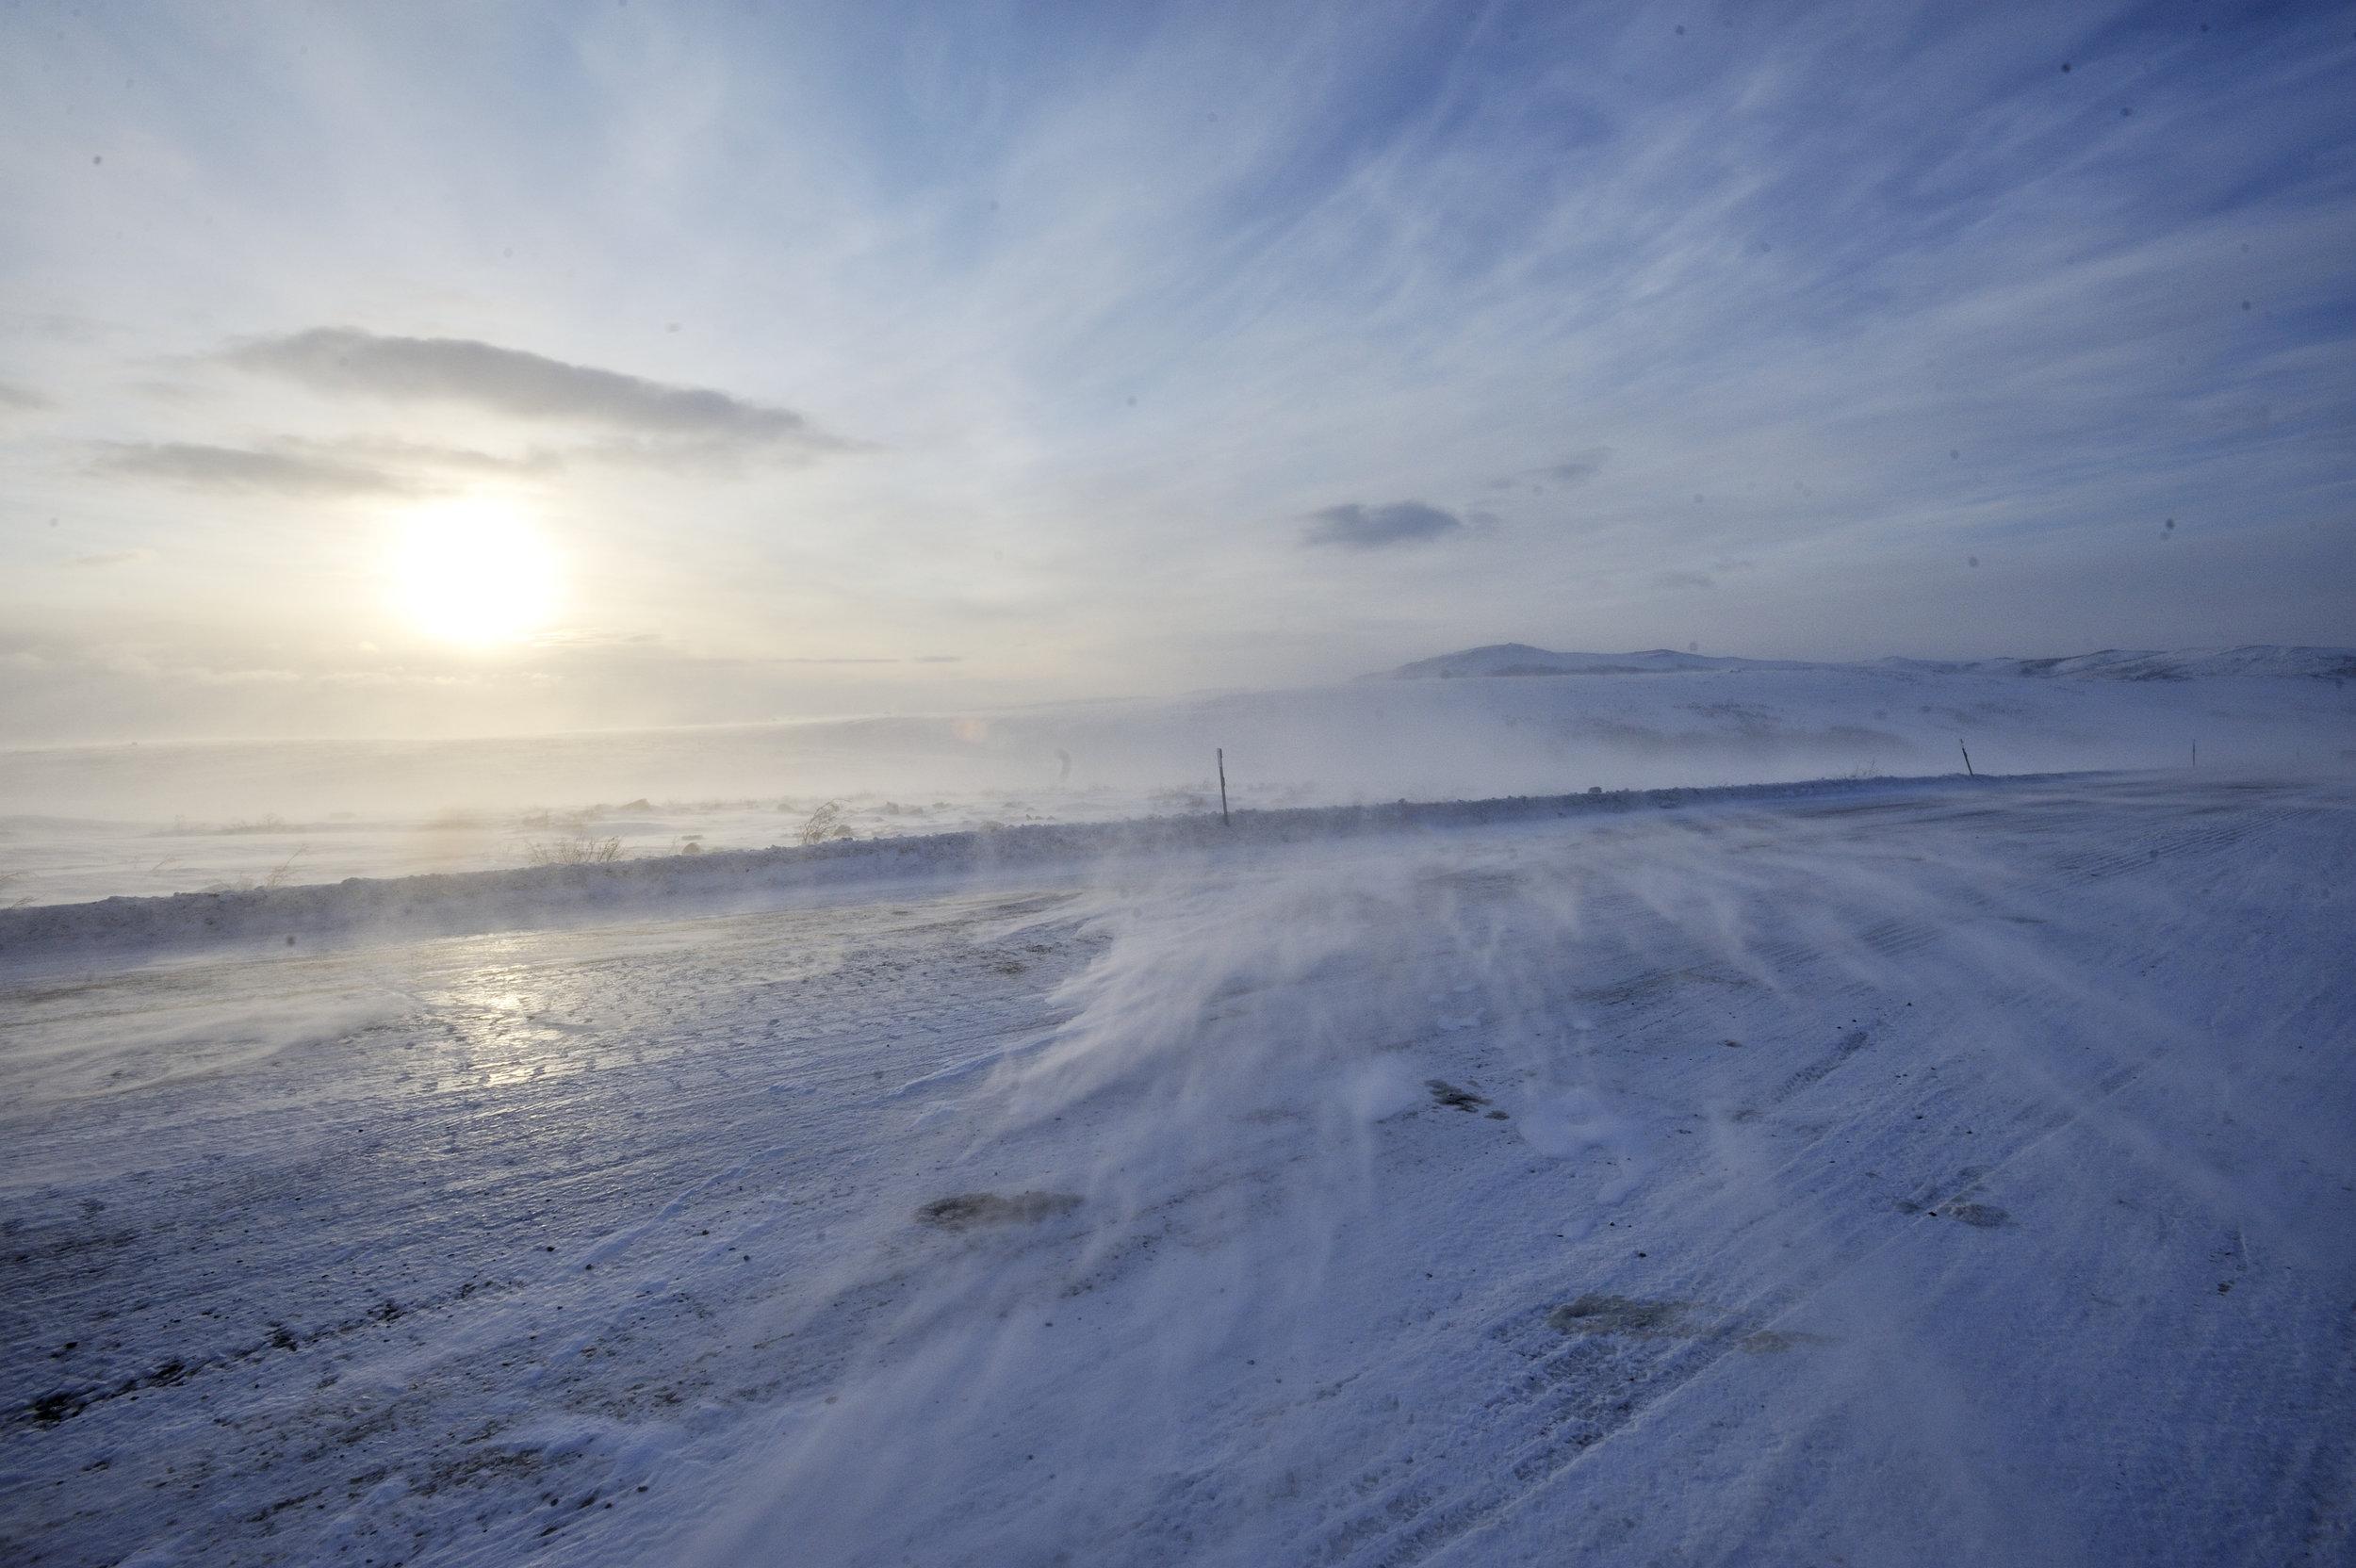 Via Panam, migration in the America's, Alaska